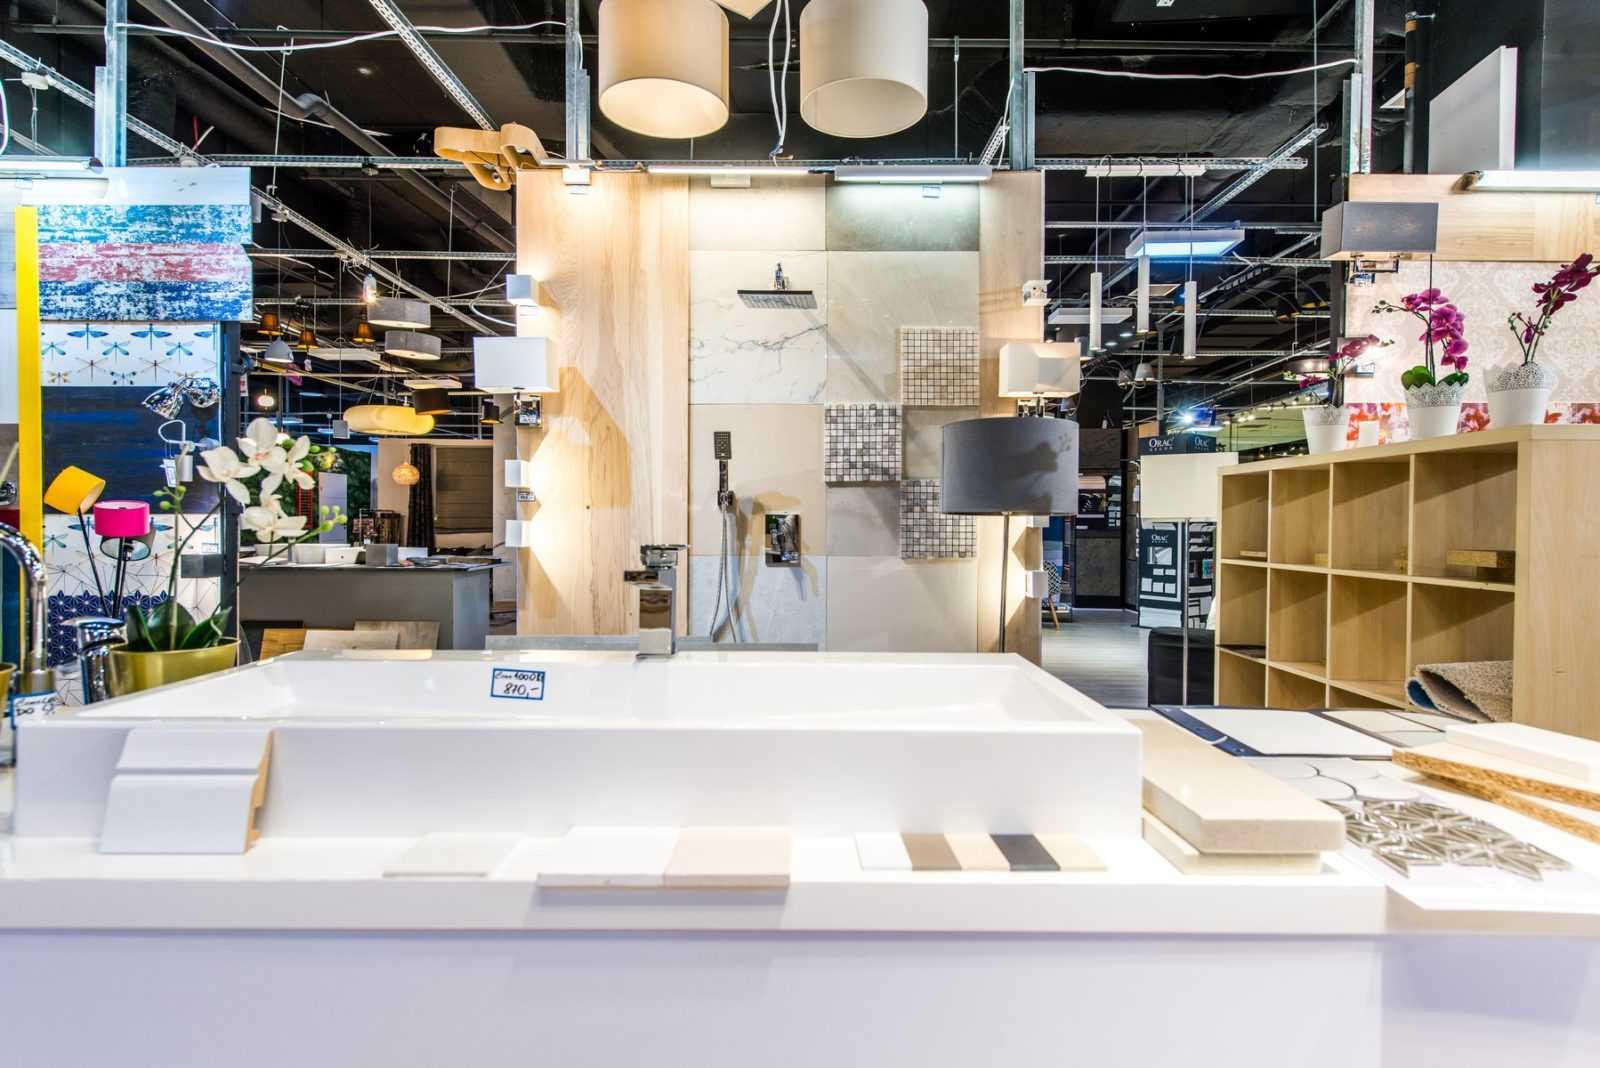 dekorshop showroom sklep z wyposazeniem wnetrz gdansk gdynia trojmiasto (24)